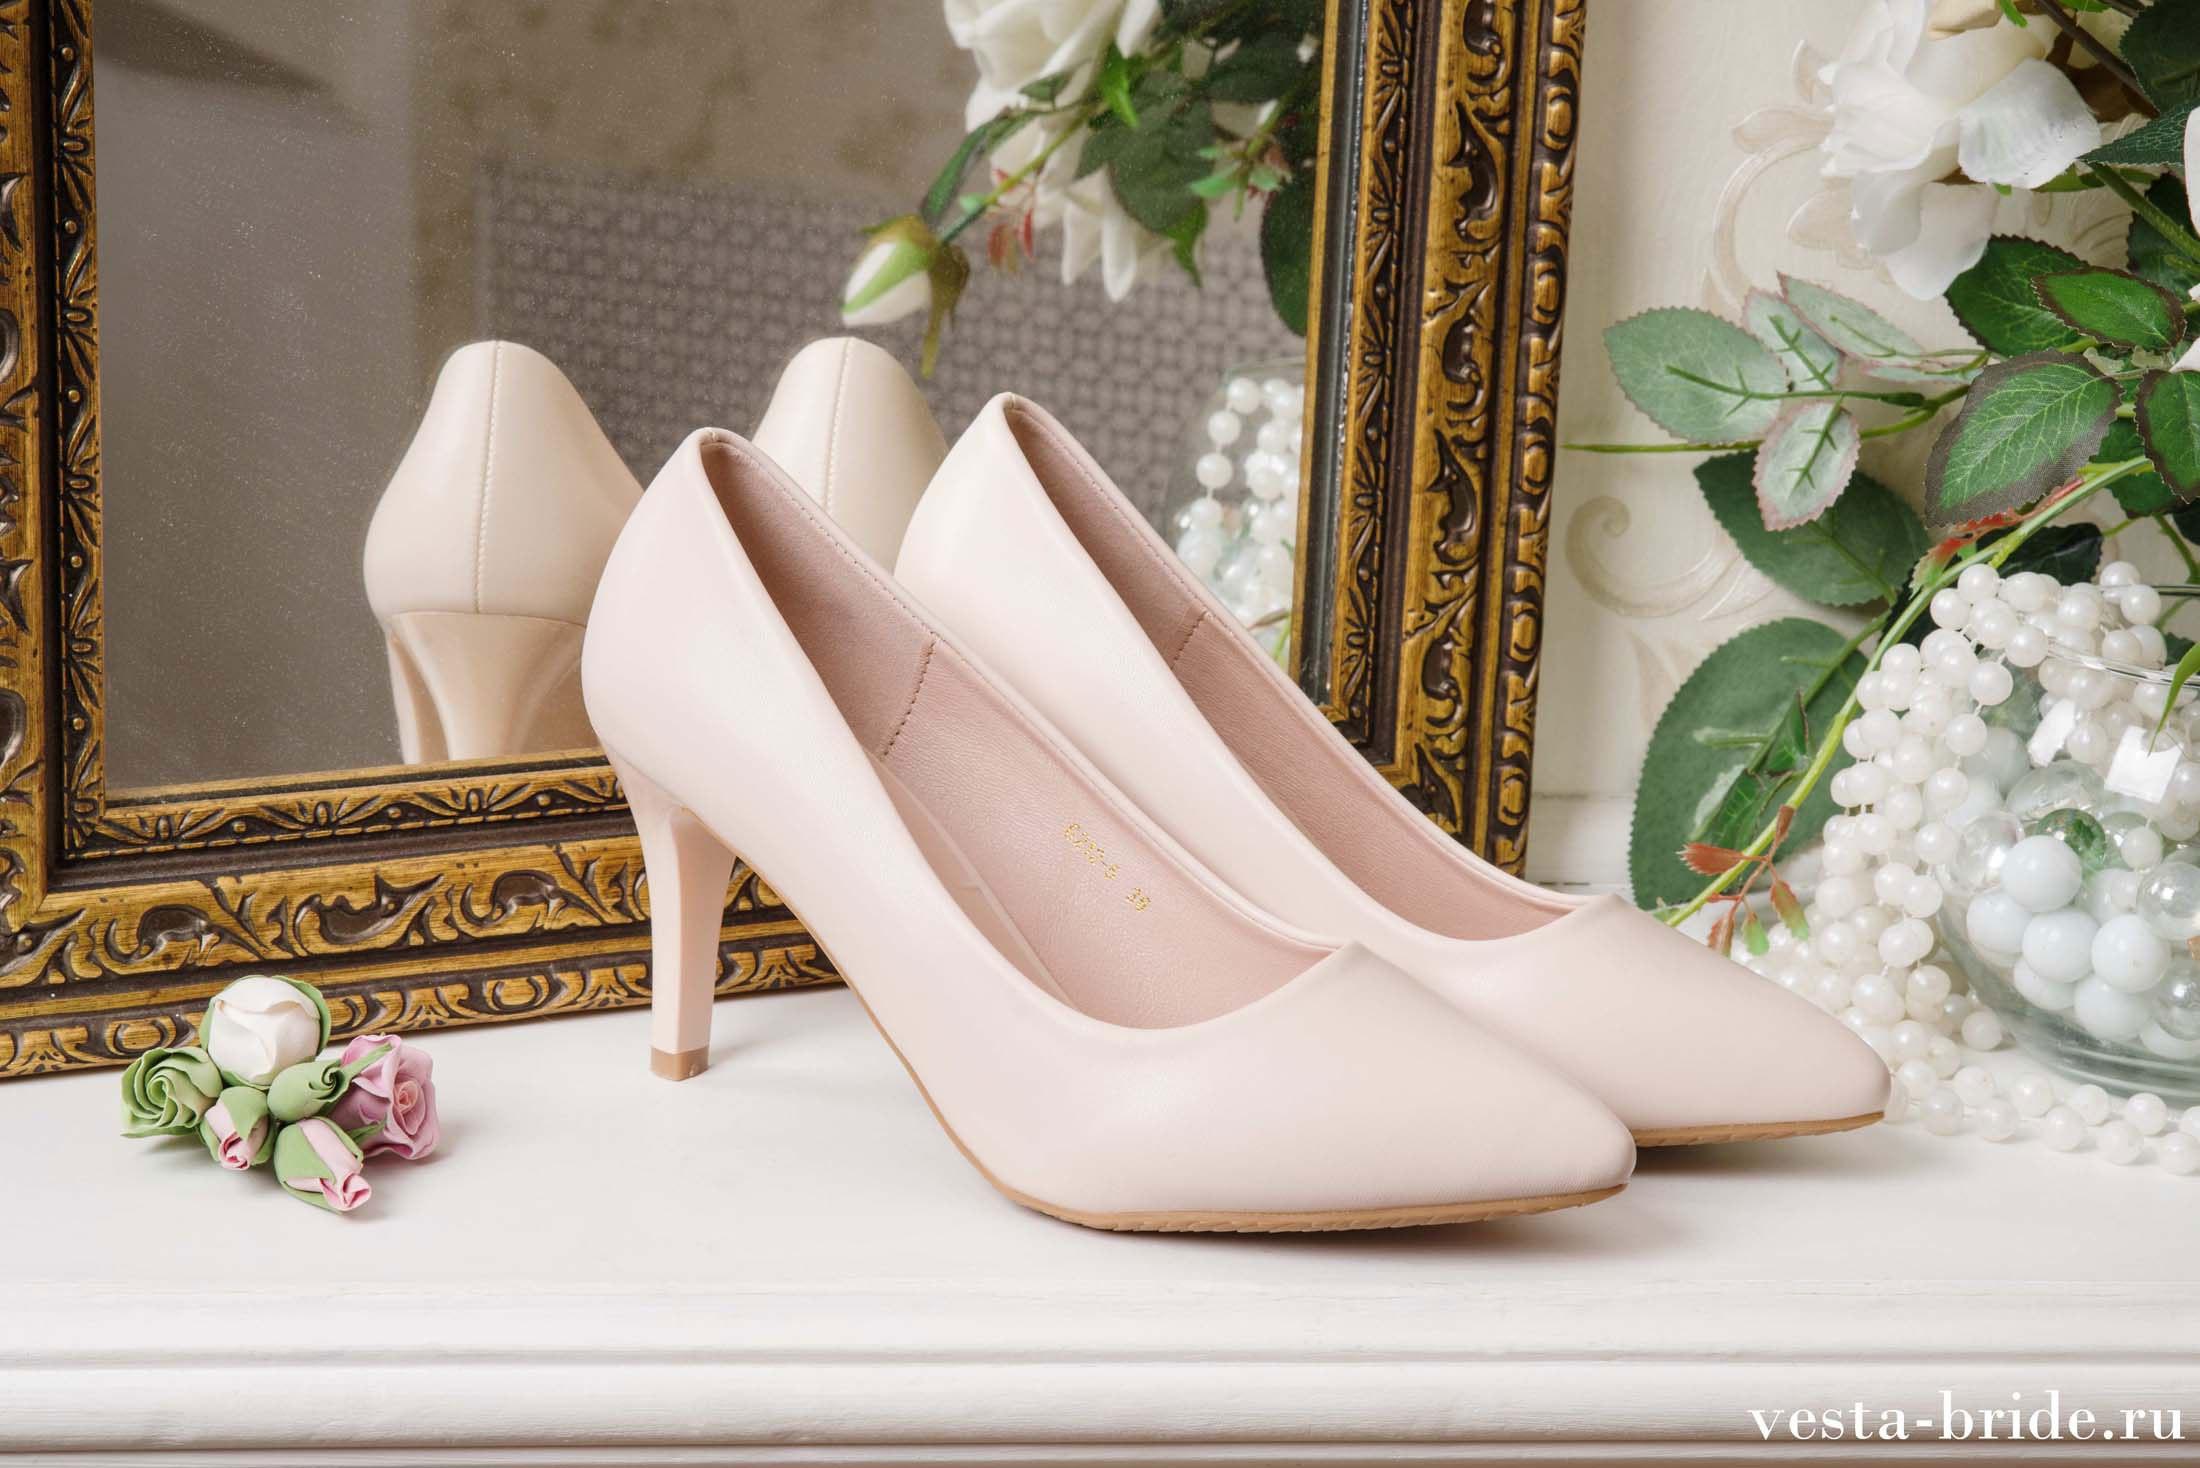 Для того, чтобы образ невесты был целостным, необходимо позаботиться не только о прическе, макияже, свадебном платье и букете, но и об обуви.